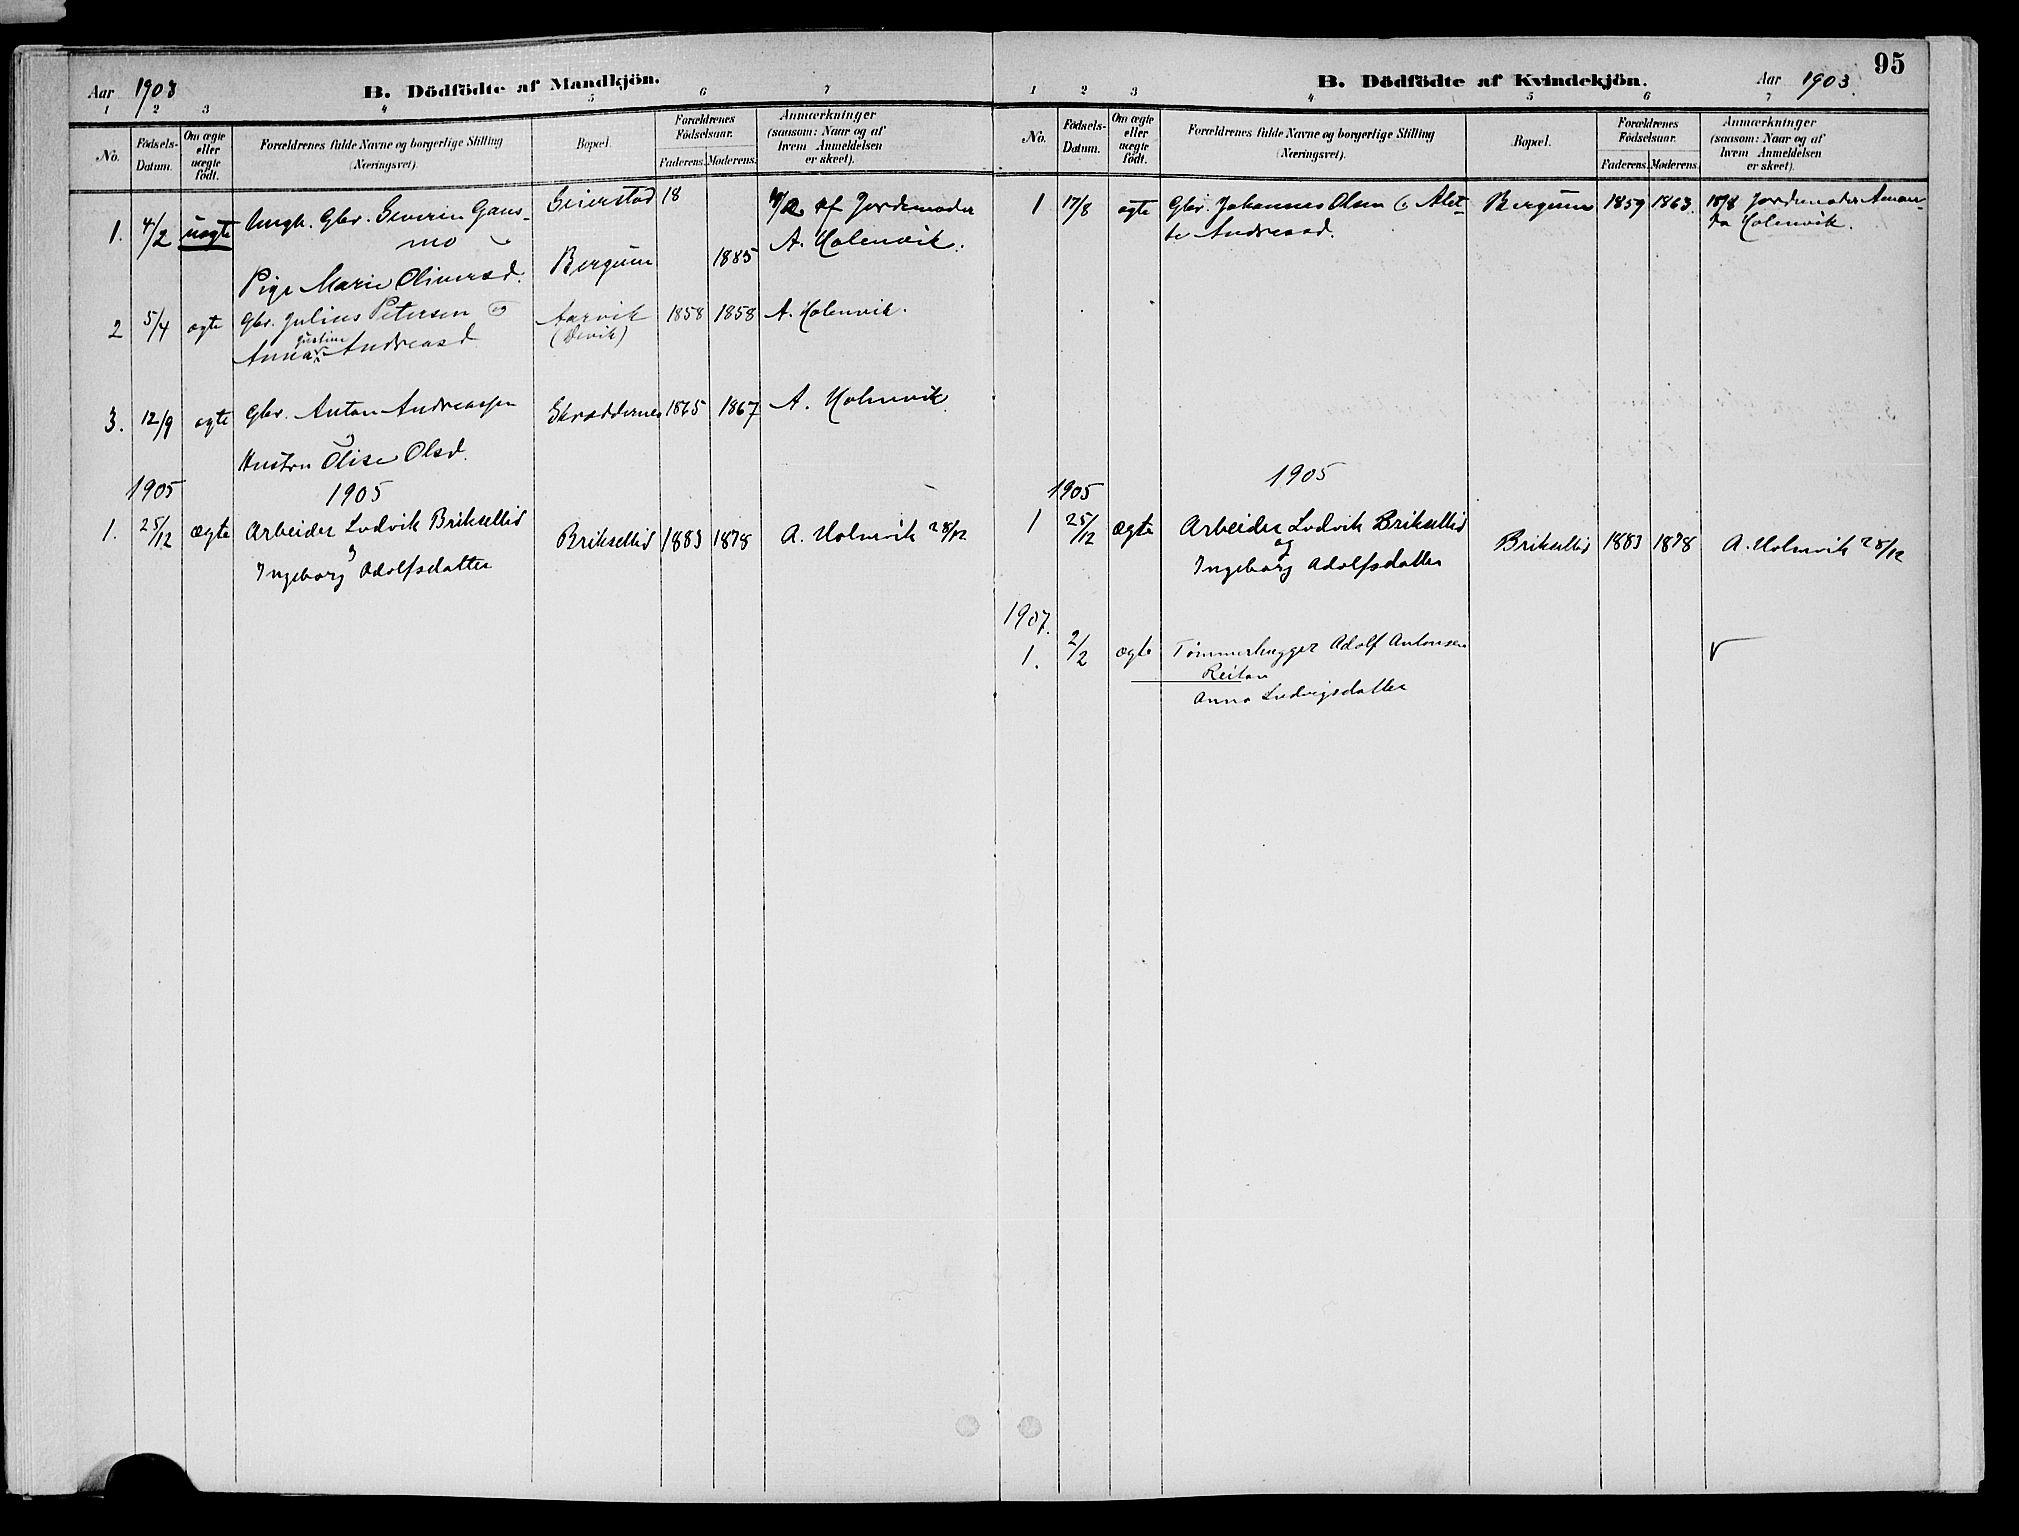 SAT, Ministerialprotokoller, klokkerbøker og fødselsregistre - Nord-Trøndelag, 773/L0617: Ministerialbok nr. 773A08, 1887-1910, s. 95